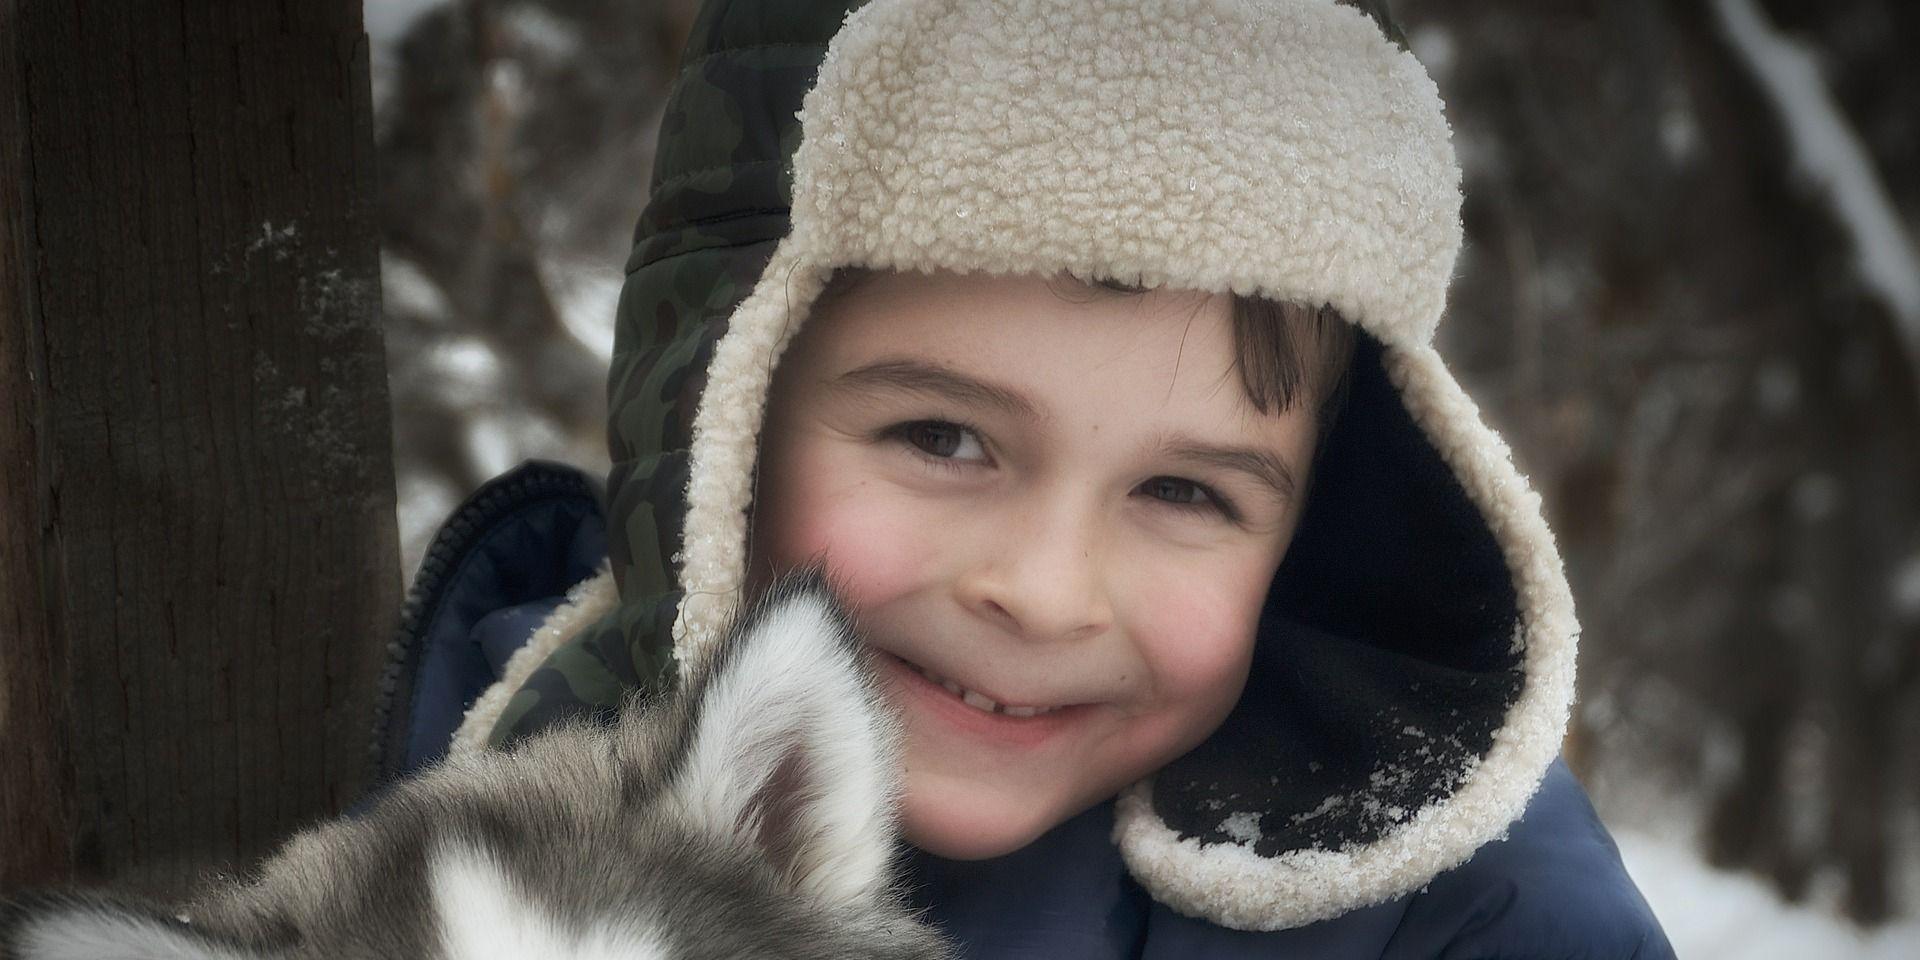 ¿Qué prefieren los niños? ¿Mascotas o hermanos?